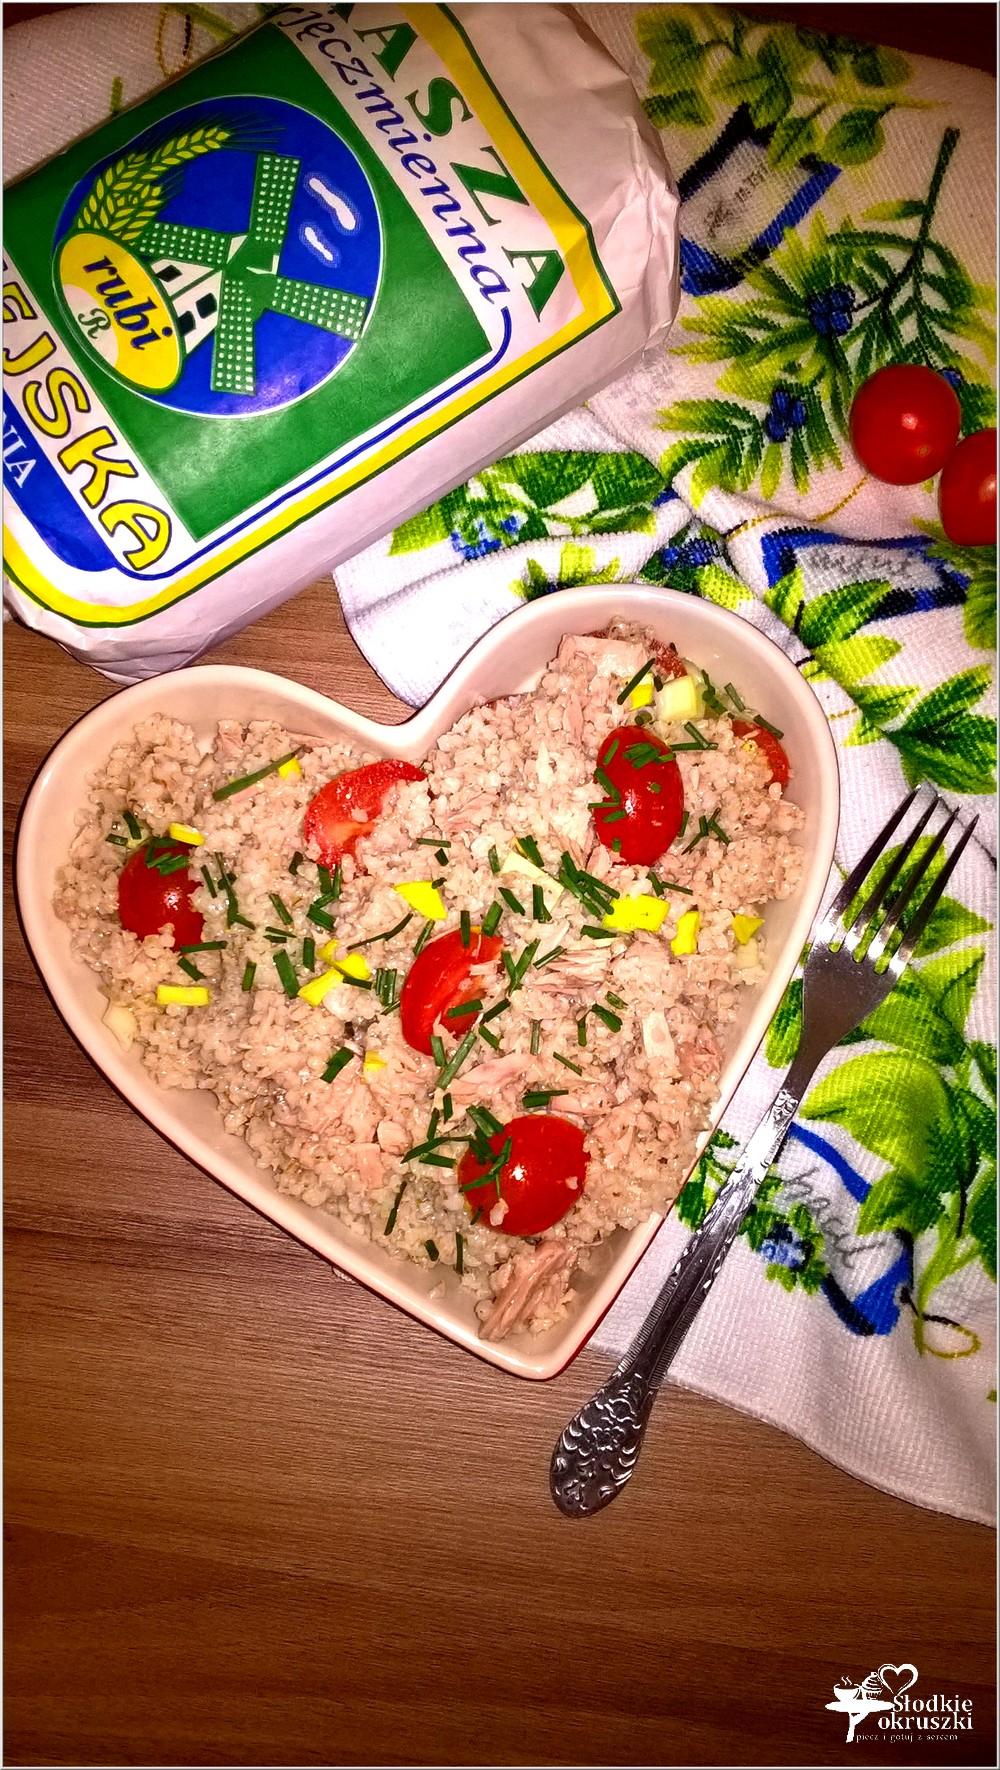 Sałatka z tuńczykiem, kaszą jęczmienną i dodatkami (1)